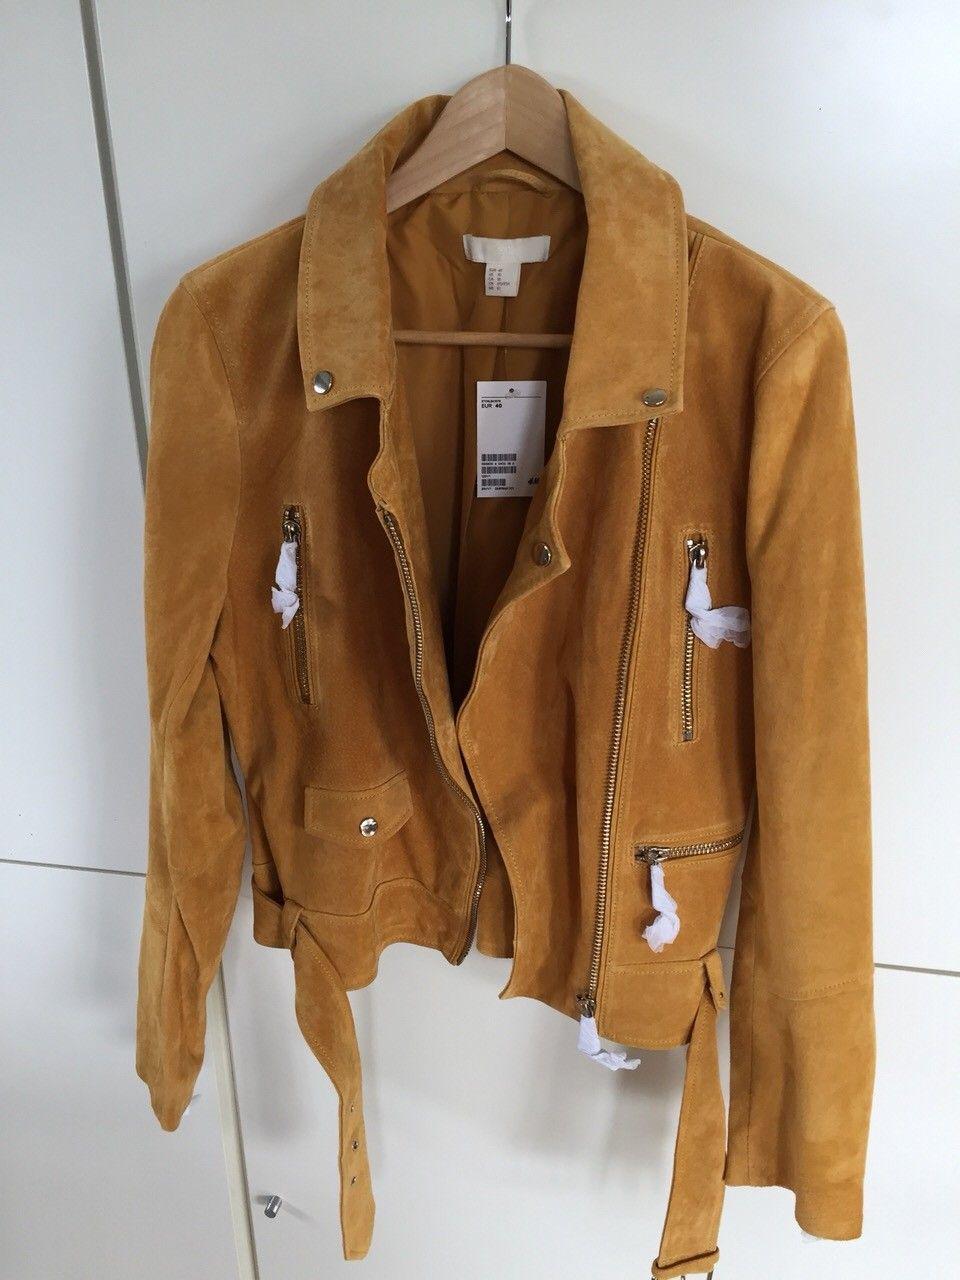 Semsket skinn jakke Kjøpe, selge og utveksle annonser de